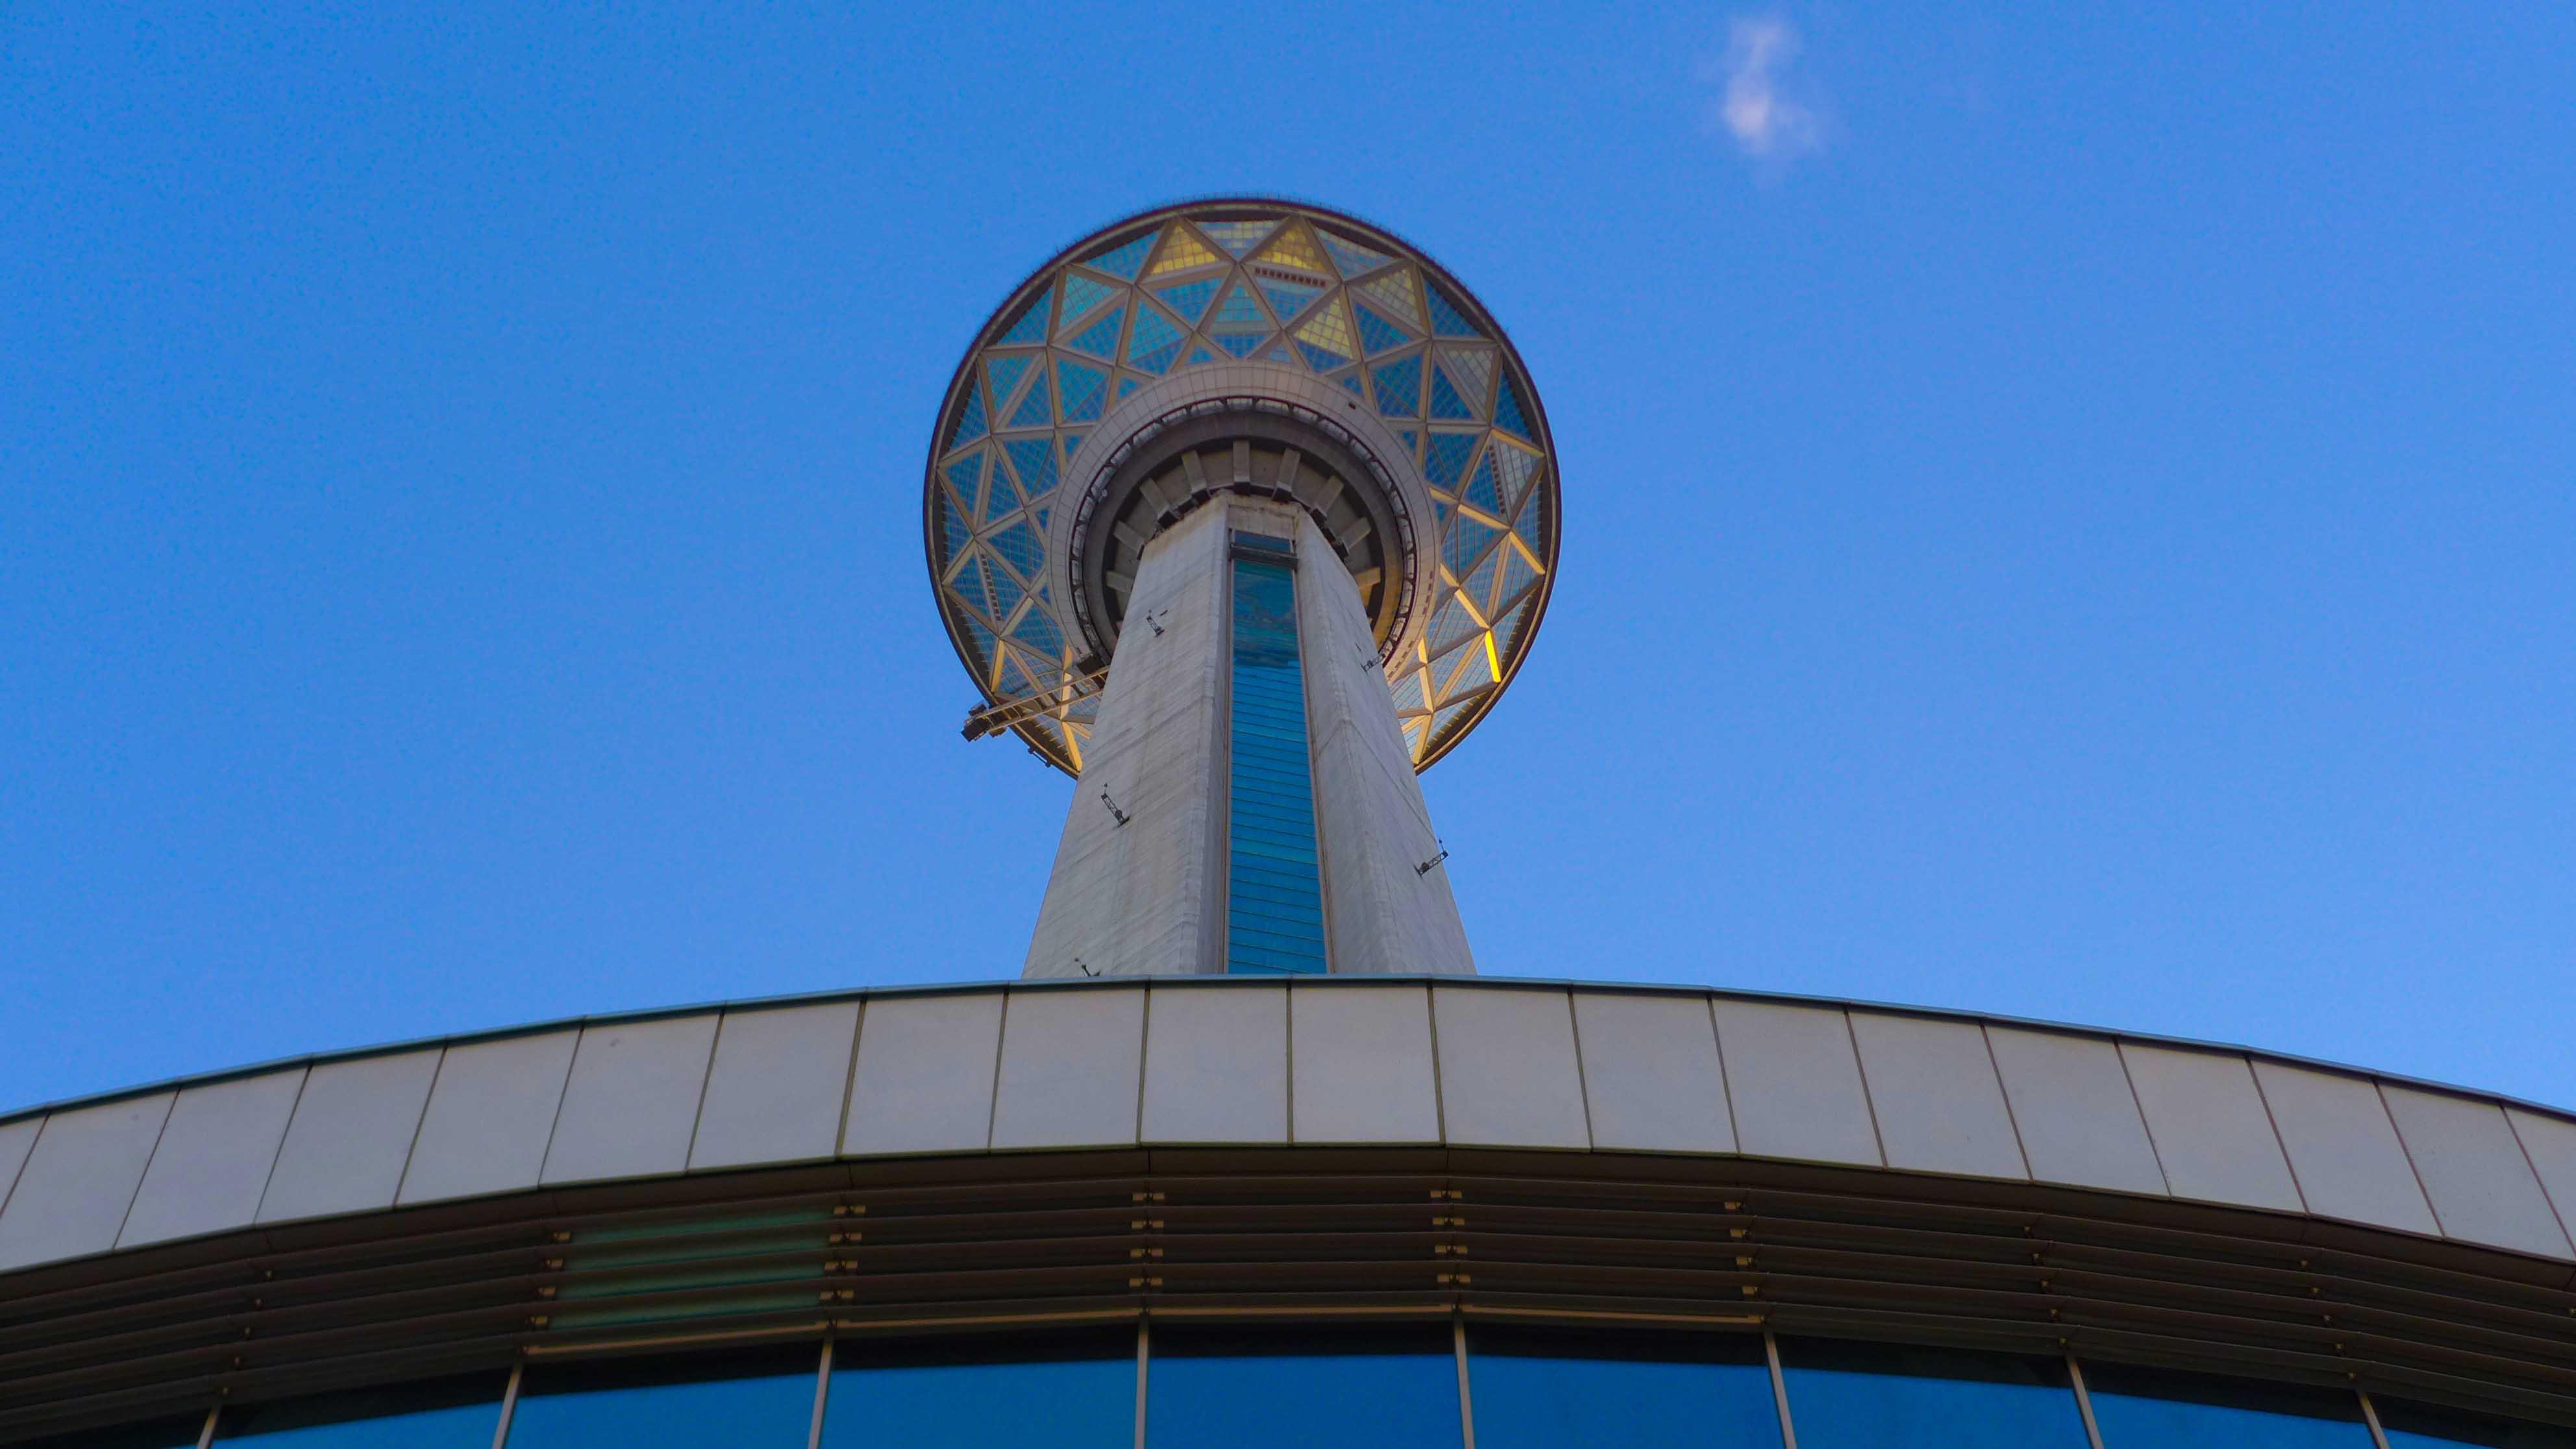 Shaft Of Milad Tower